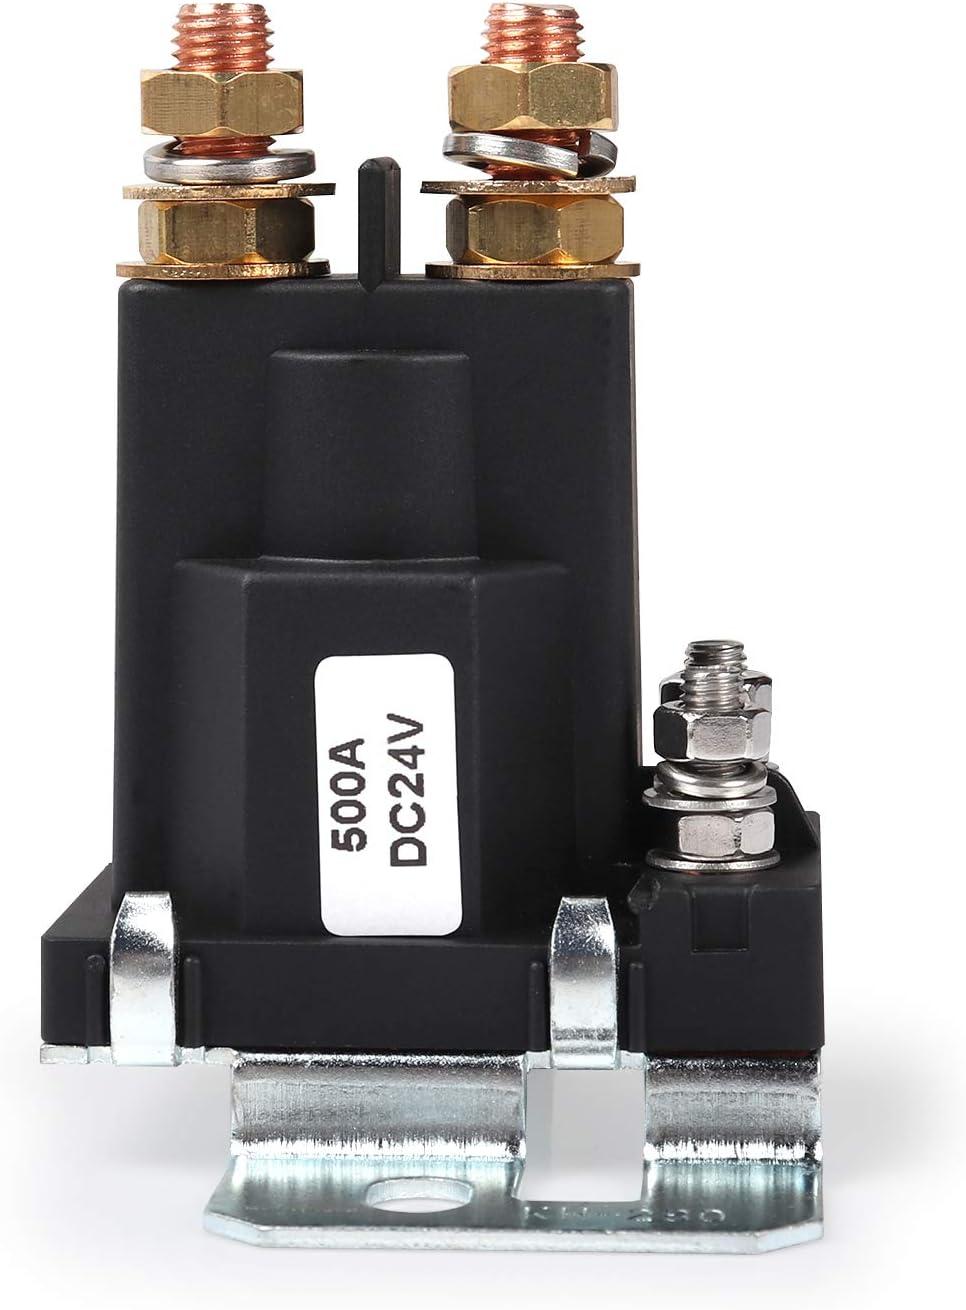 Ehdis® Relé de arranque de alta intensidad 500 AMP DC 24V 4 Pin SPST Contacto automático de arranque del coche Doble pilas Interruptor de encendido / apagado del interruptor del aislador